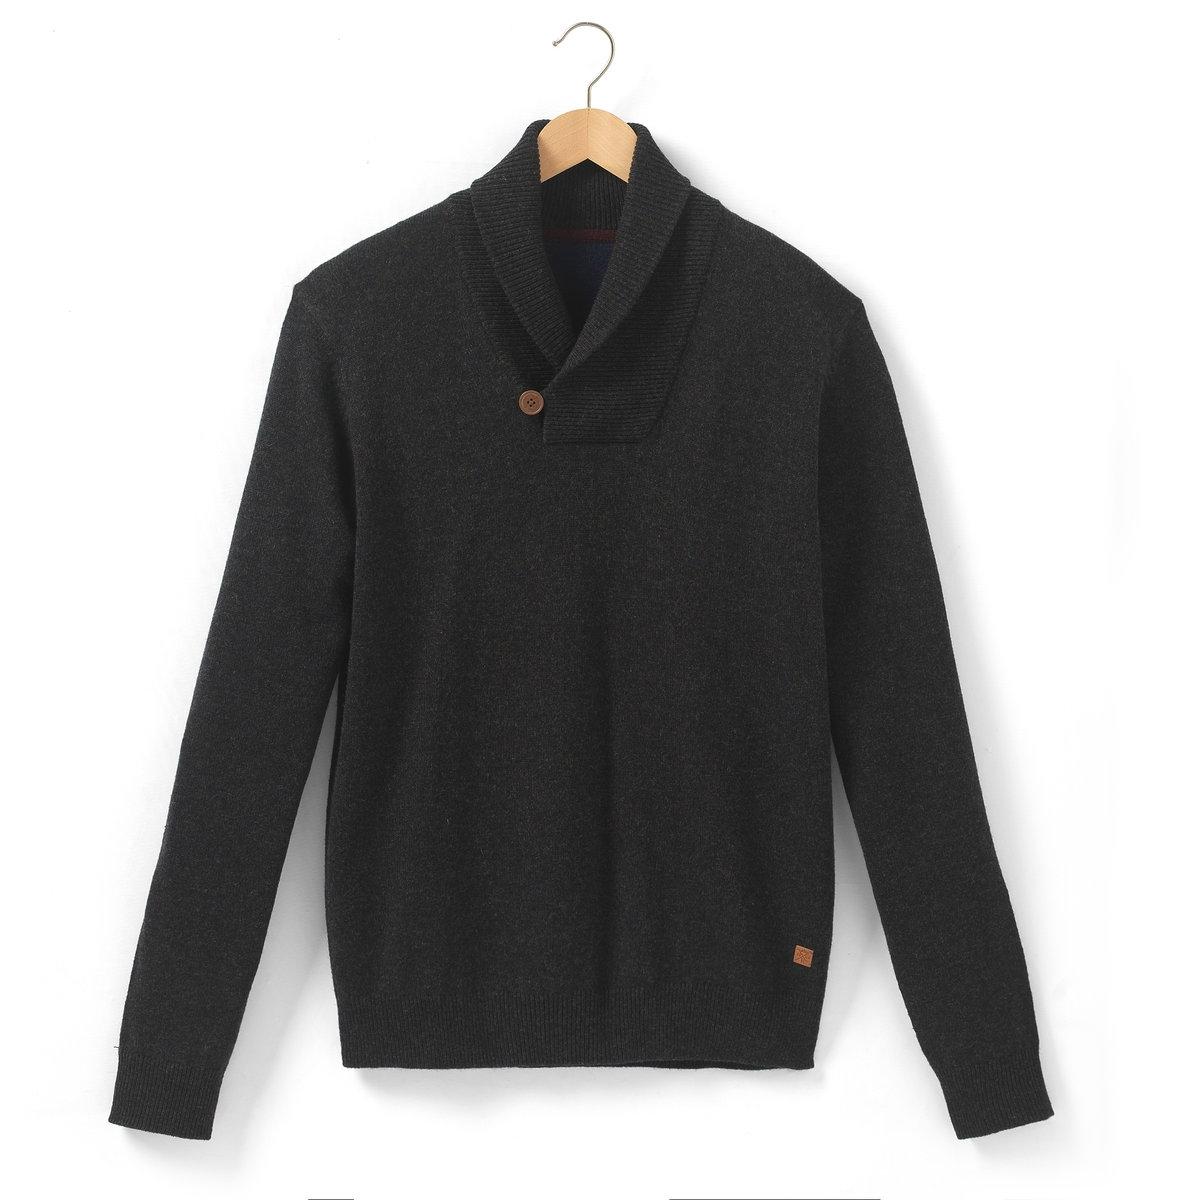 Пуловер с шалевым воротникомПуловер с шалевым воротником - R essentiel. Пуловер выполнен из 100% шерсти ягненка LAMBSWOOL - очень комфортной и теплой пряжи. Классика базового гардероба. Обработка TOTAL EASY CARE для легкости ухода за изделием. Края рукавов и низа связаны в рубчик. Длина 69 см.<br><br>Цвет: черный<br>Размер: S